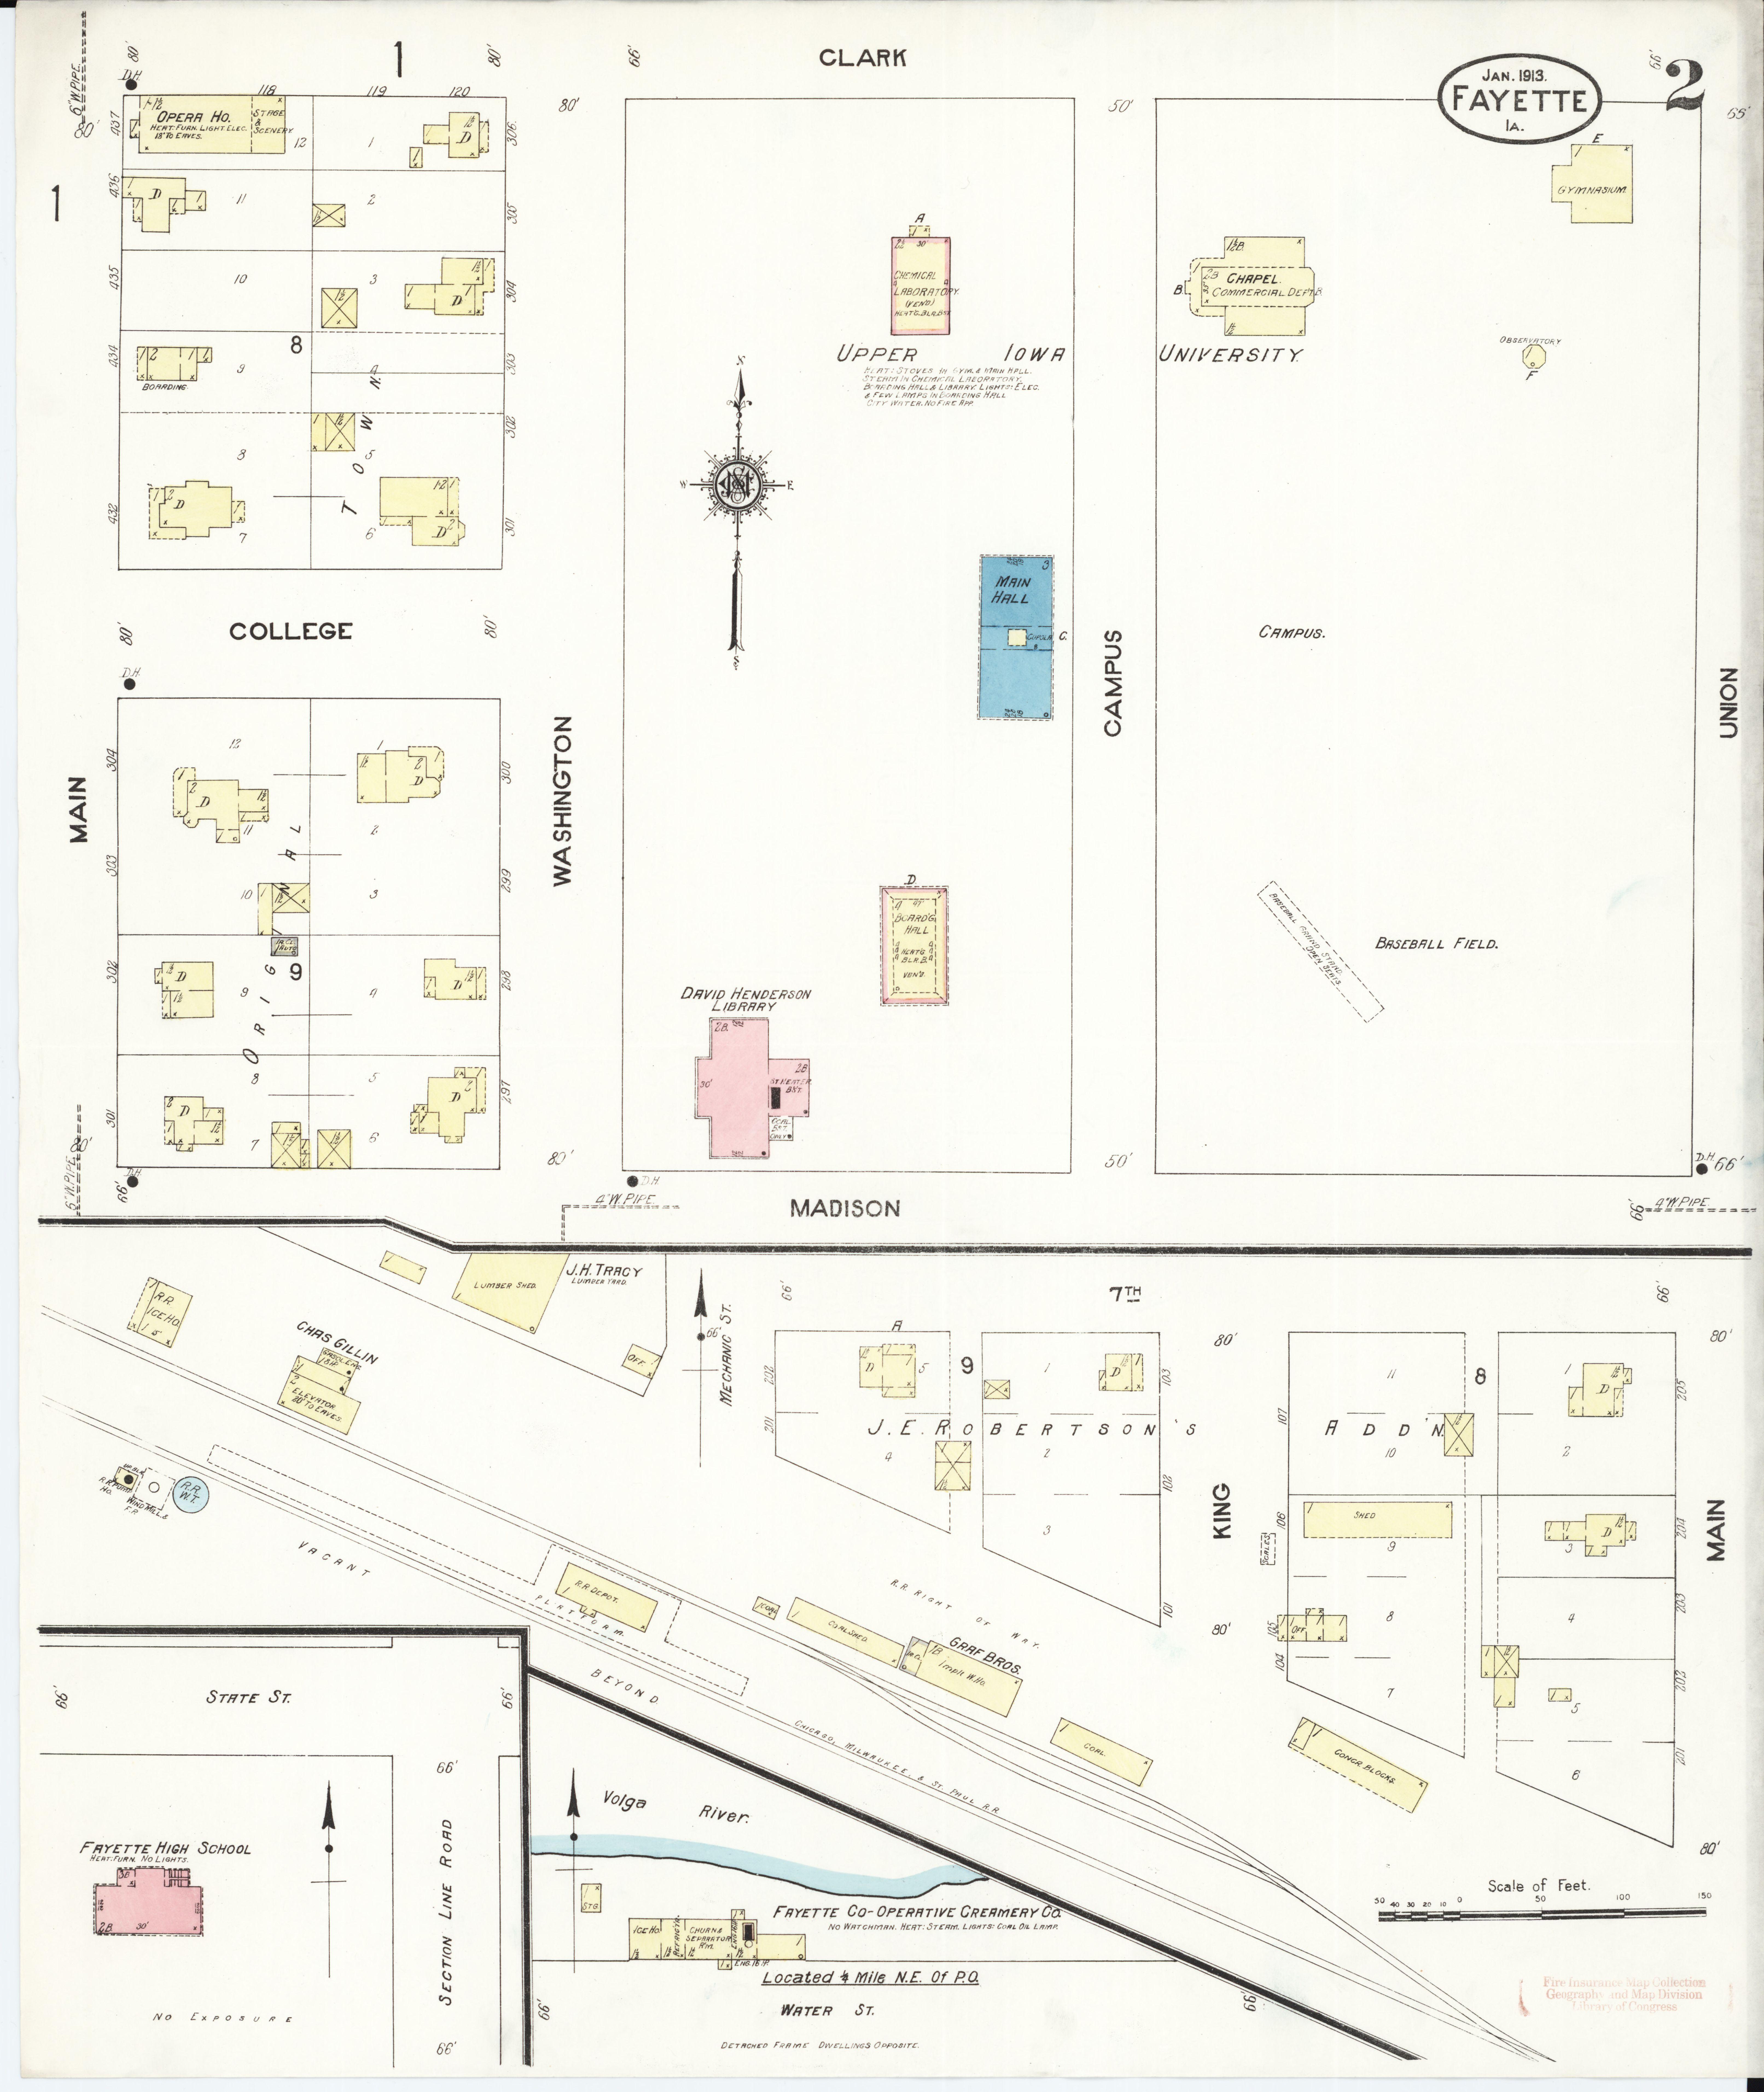 Fayette Iowa Map.File Sanborn Fire Insurance Map From Fayette Fayette County Iowa